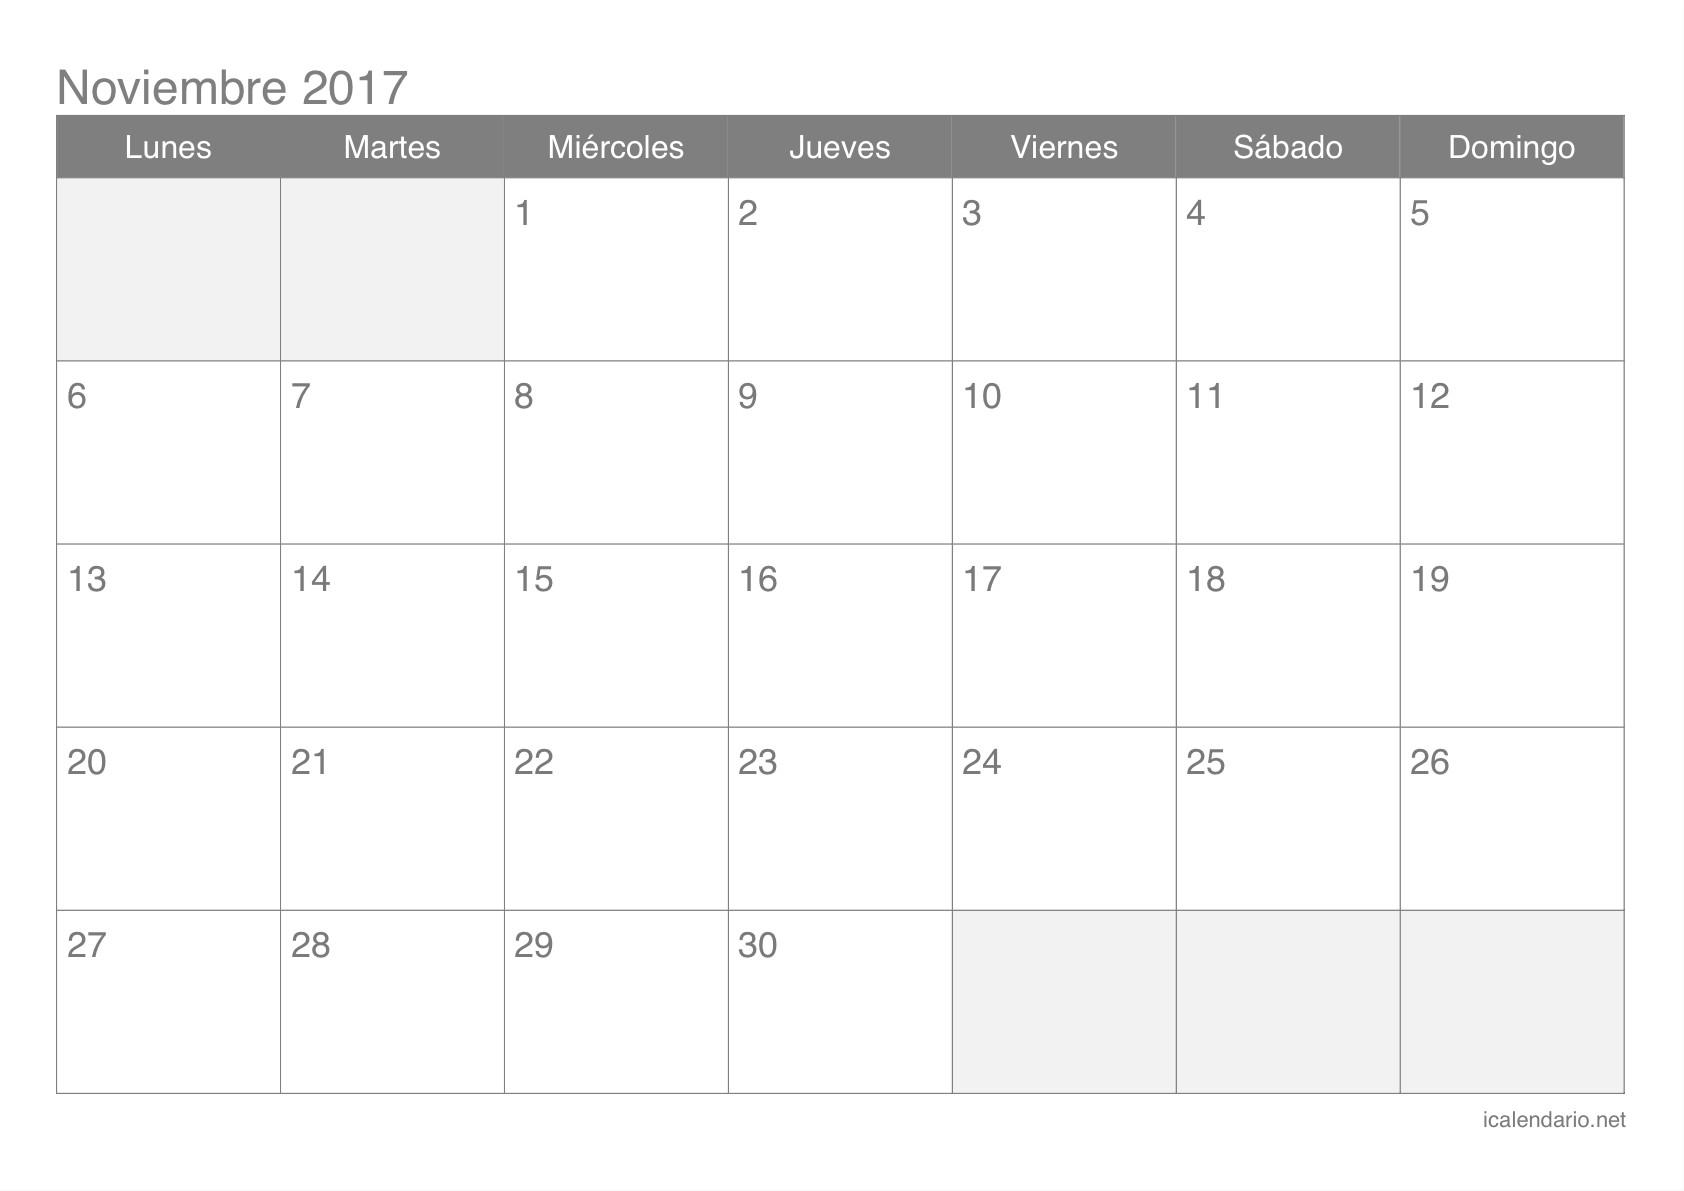 Calendario 2019 Chile Para Imprimir Actual 2019 2018 Calendar Printable with Holidays List Kalender Kalendar Of Calendario 2019 Chile Para Imprimir Recientes Calendario 8 Agosto ☼ Calendario Pinterest